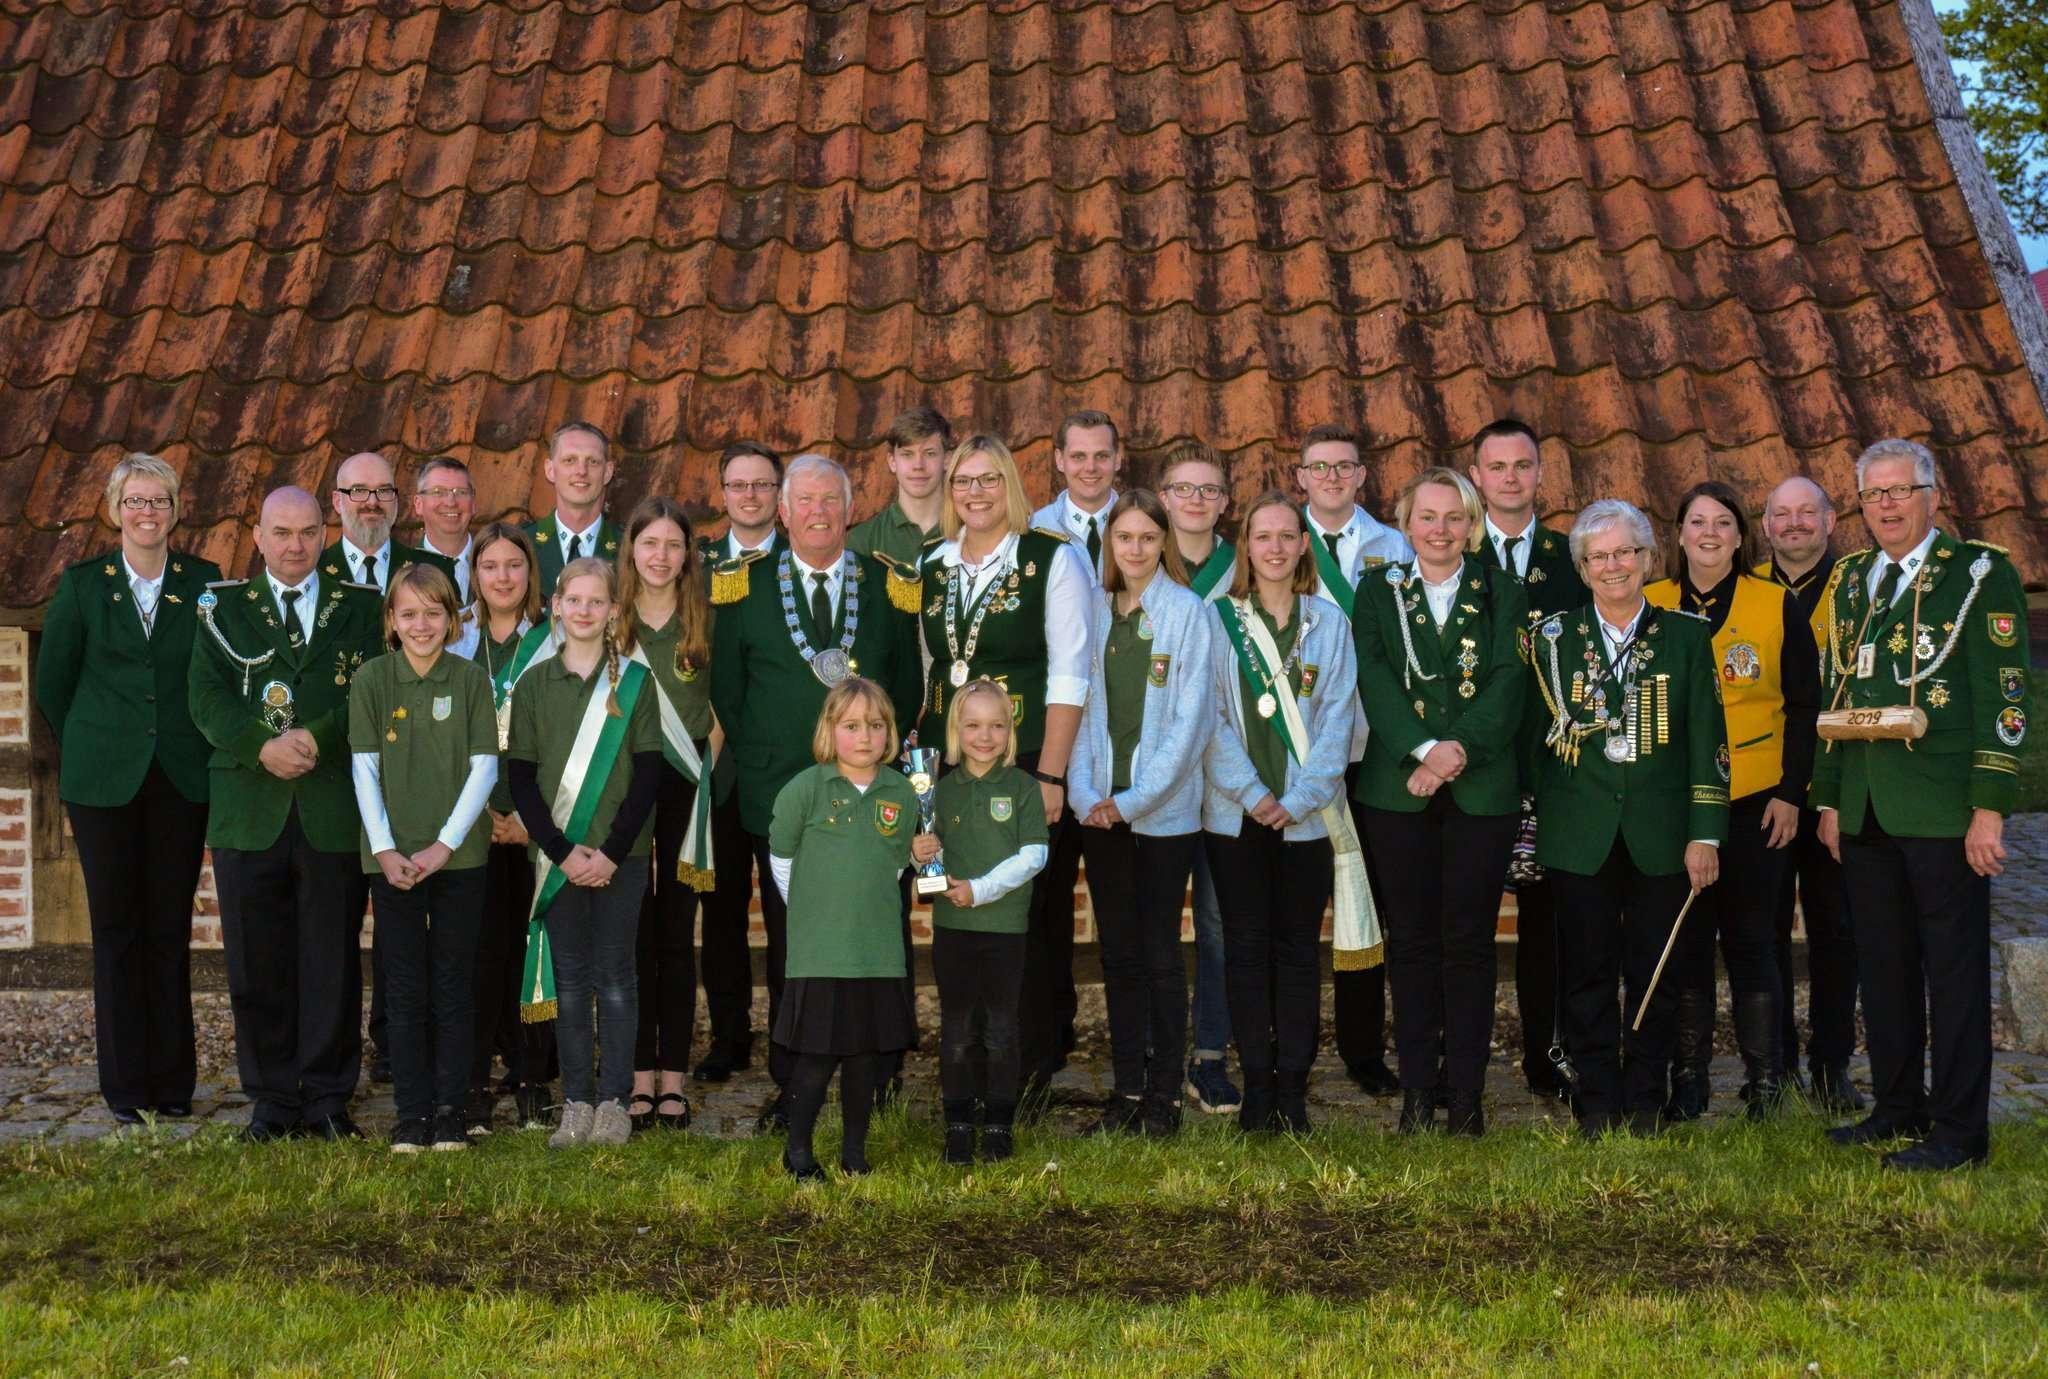 Die Königsfamilie des Schützenvereins Wittkopsbostel im Jubiläumsjahr 2019 mit ihrem Anhang.